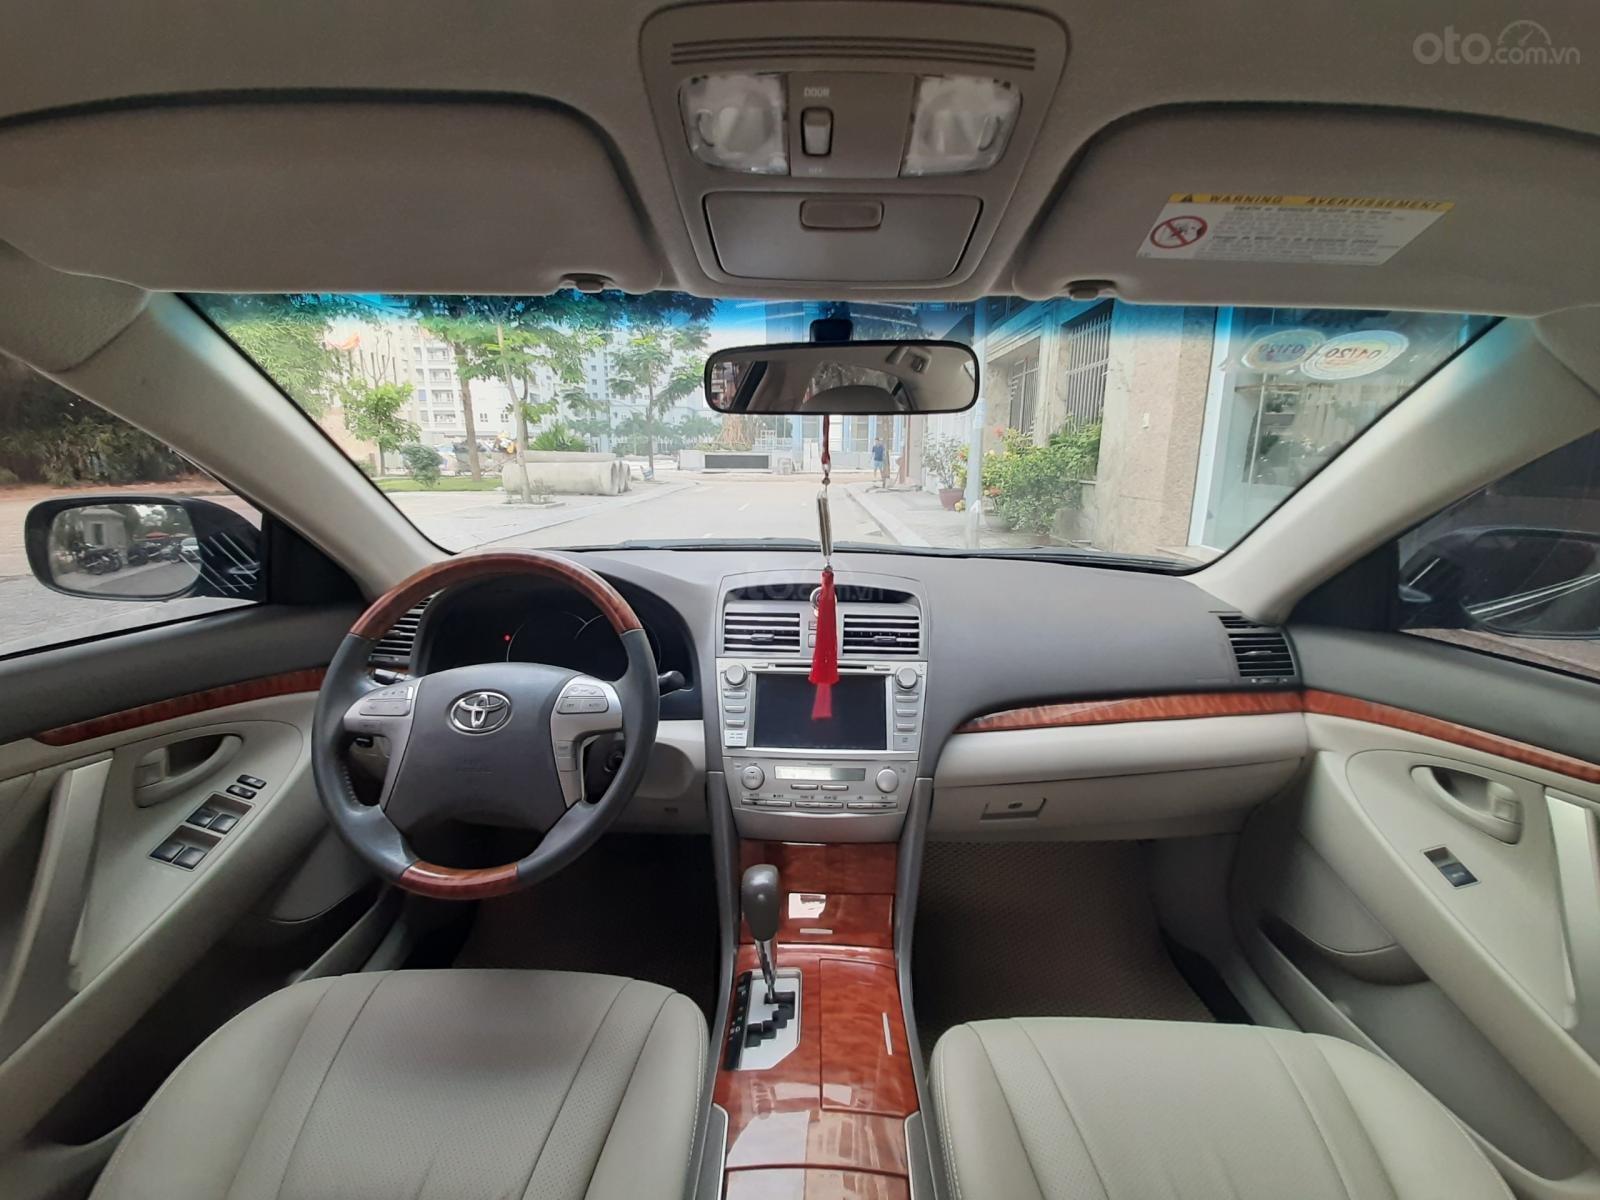 Bán Toyota Camry 2.4G sản xuất năm 2010, màu đen số tự động, 615 triệu (6)